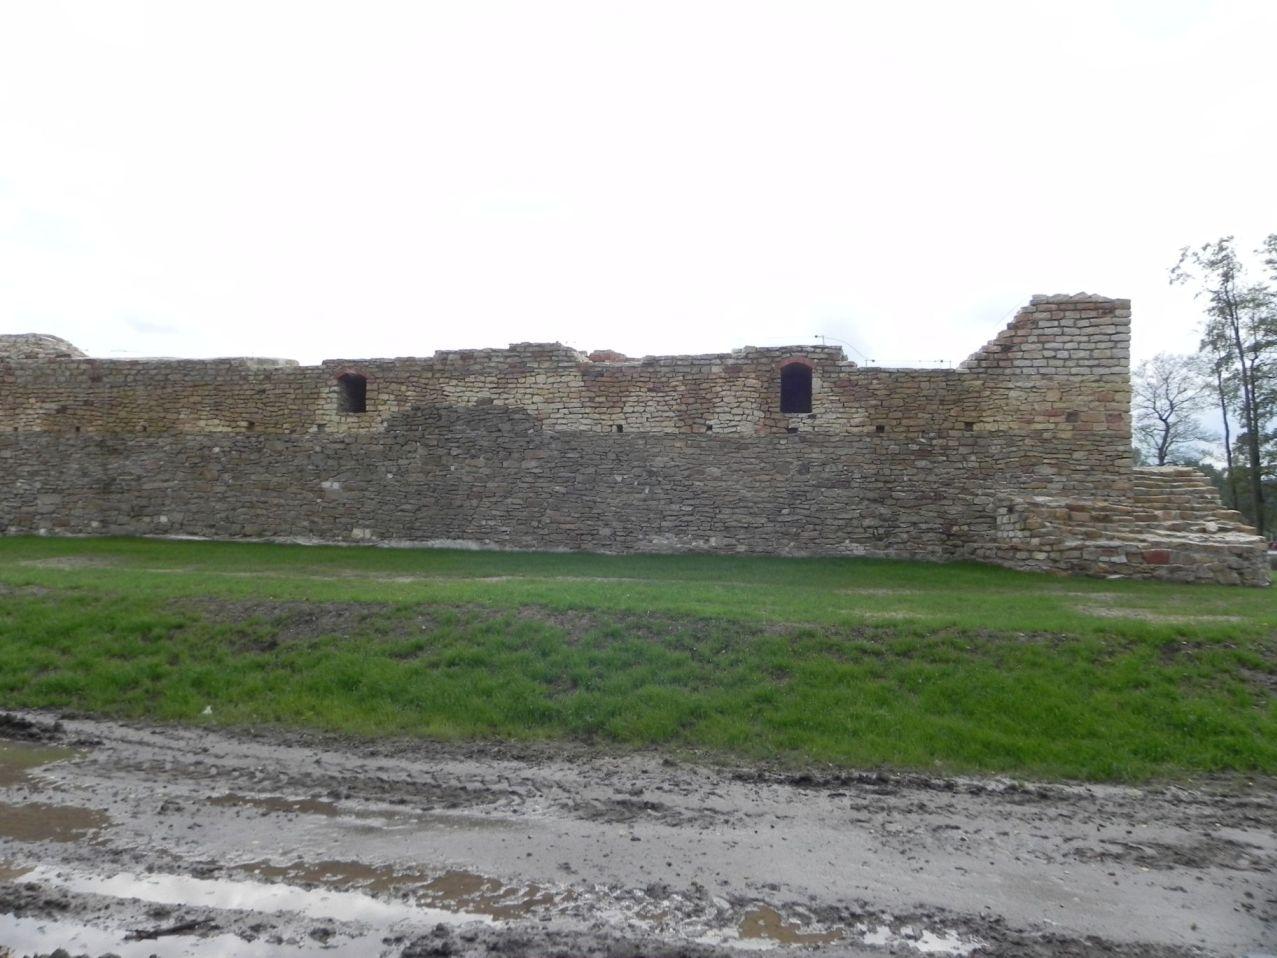 2012-09-16 Inowłódz - Ruiny zamku (32)